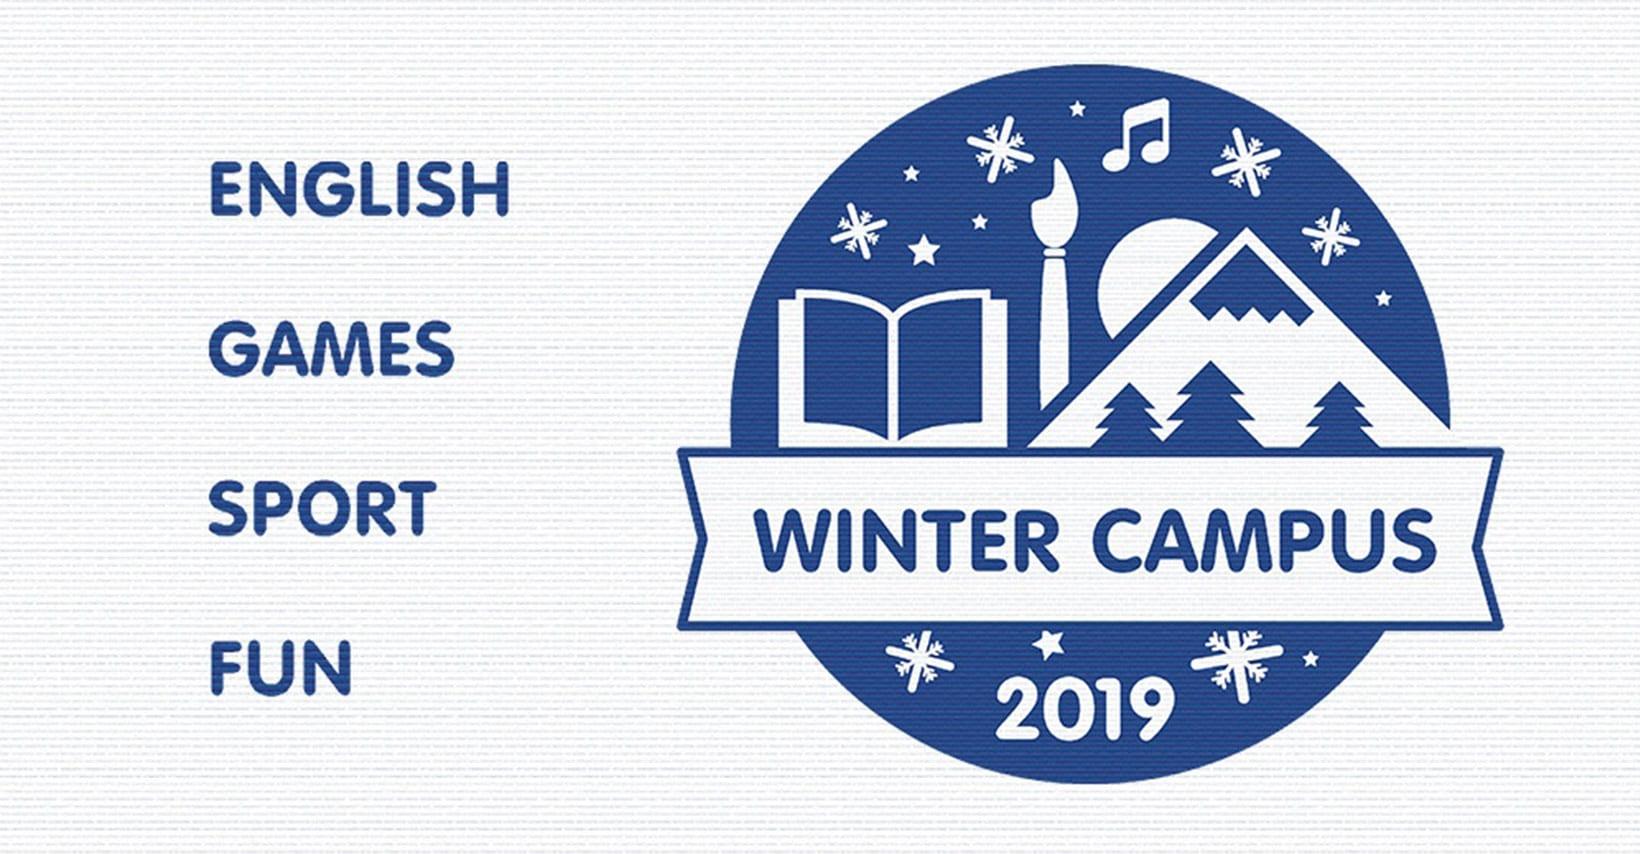 Winter Campus 2019